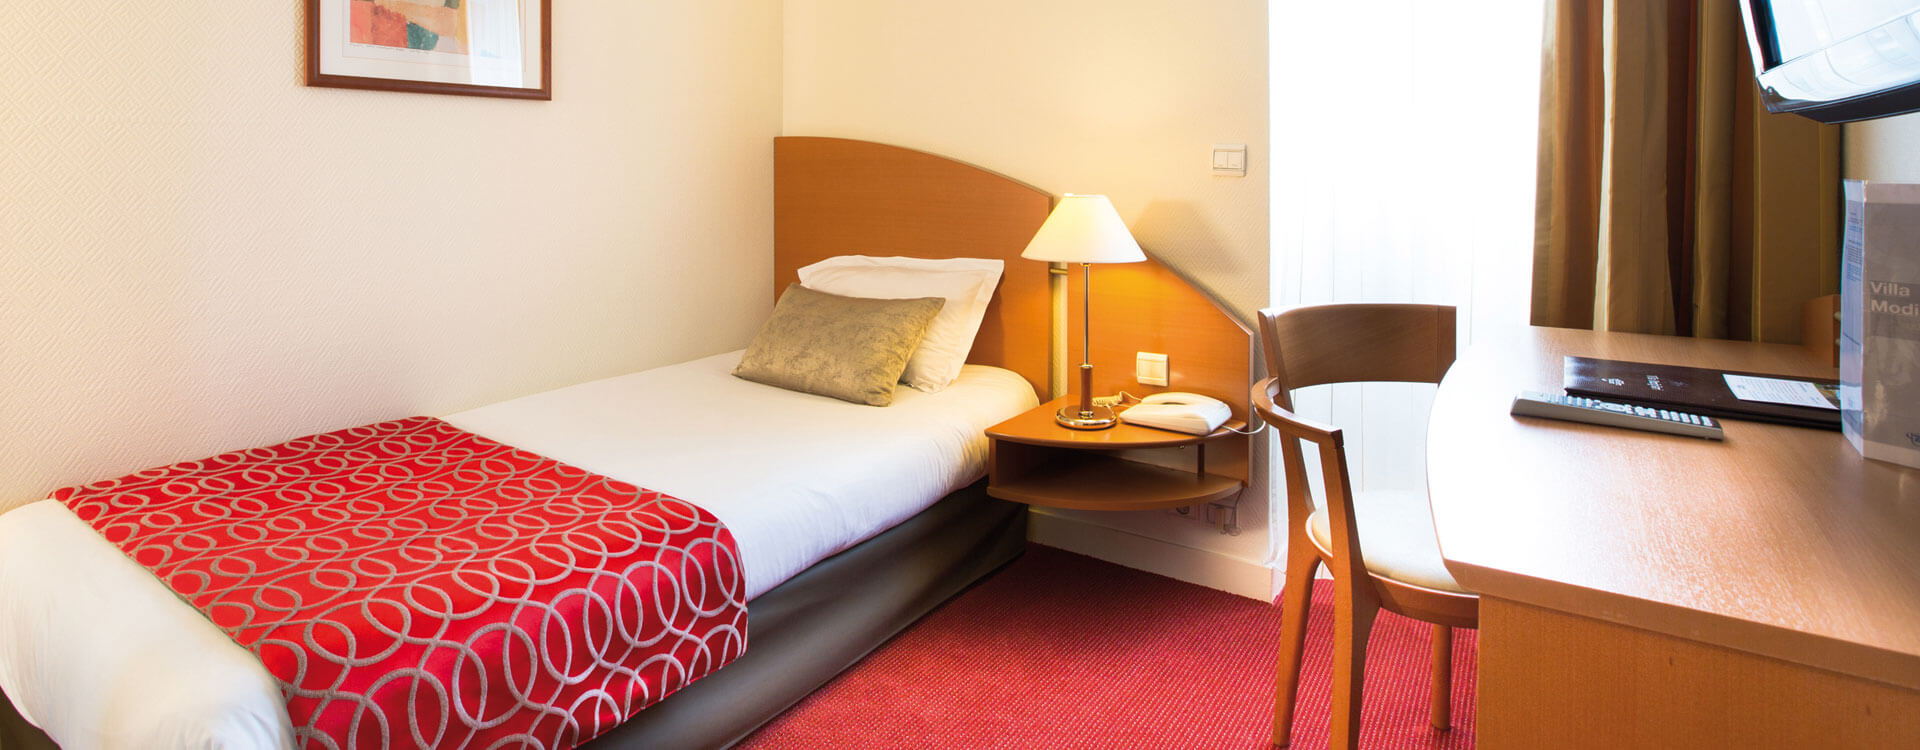 Chambre single - Hôtel*** Paris La Villa Modigliani